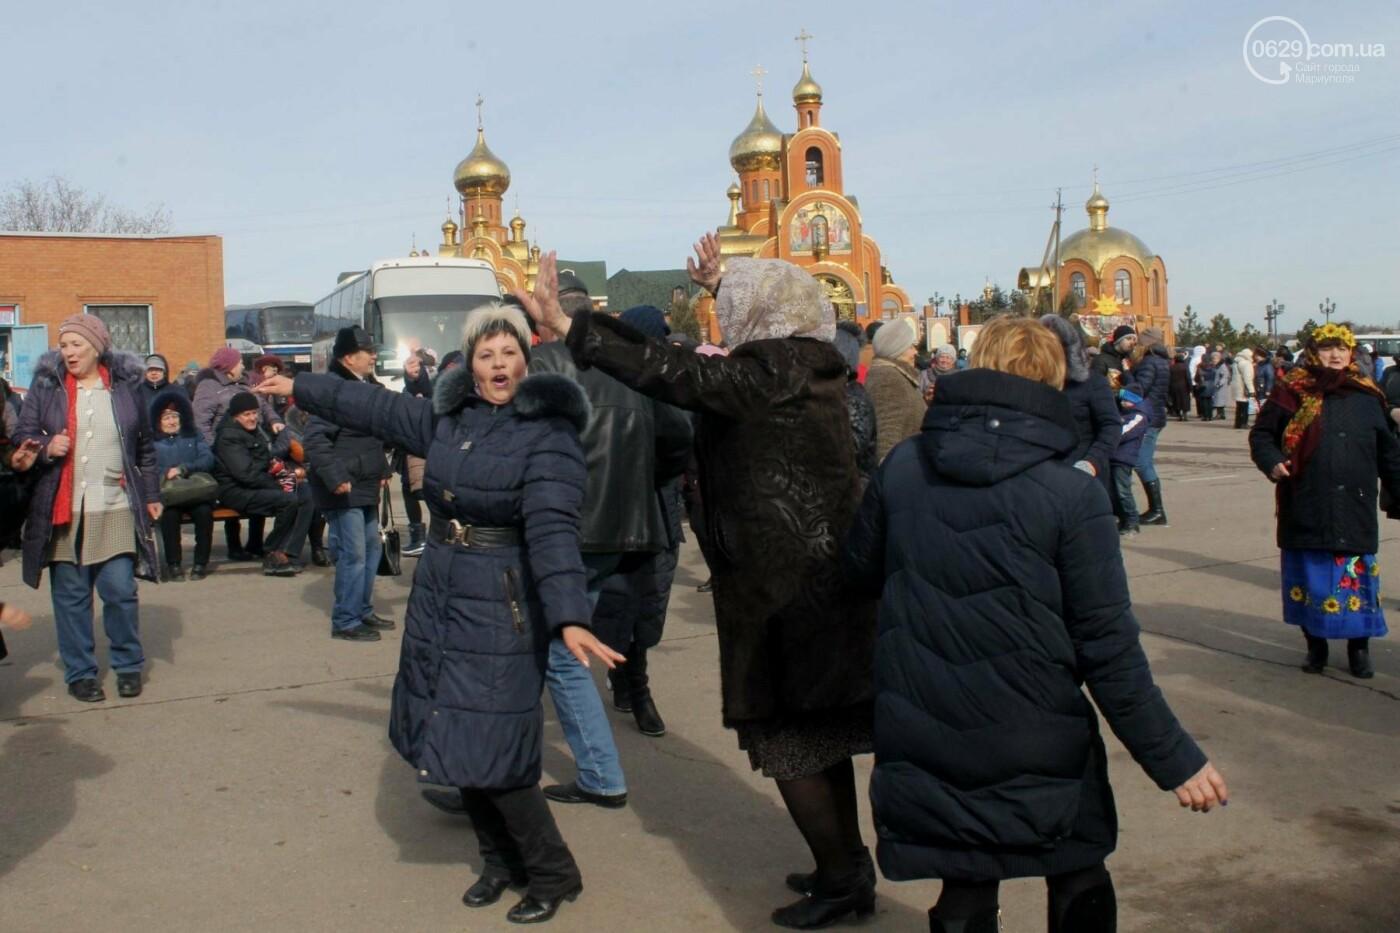 18 февраля в Боевом установят рекорд Украины по выпеканию блинов. Приглашаем на масштабный праздник Масленицы., фото-21